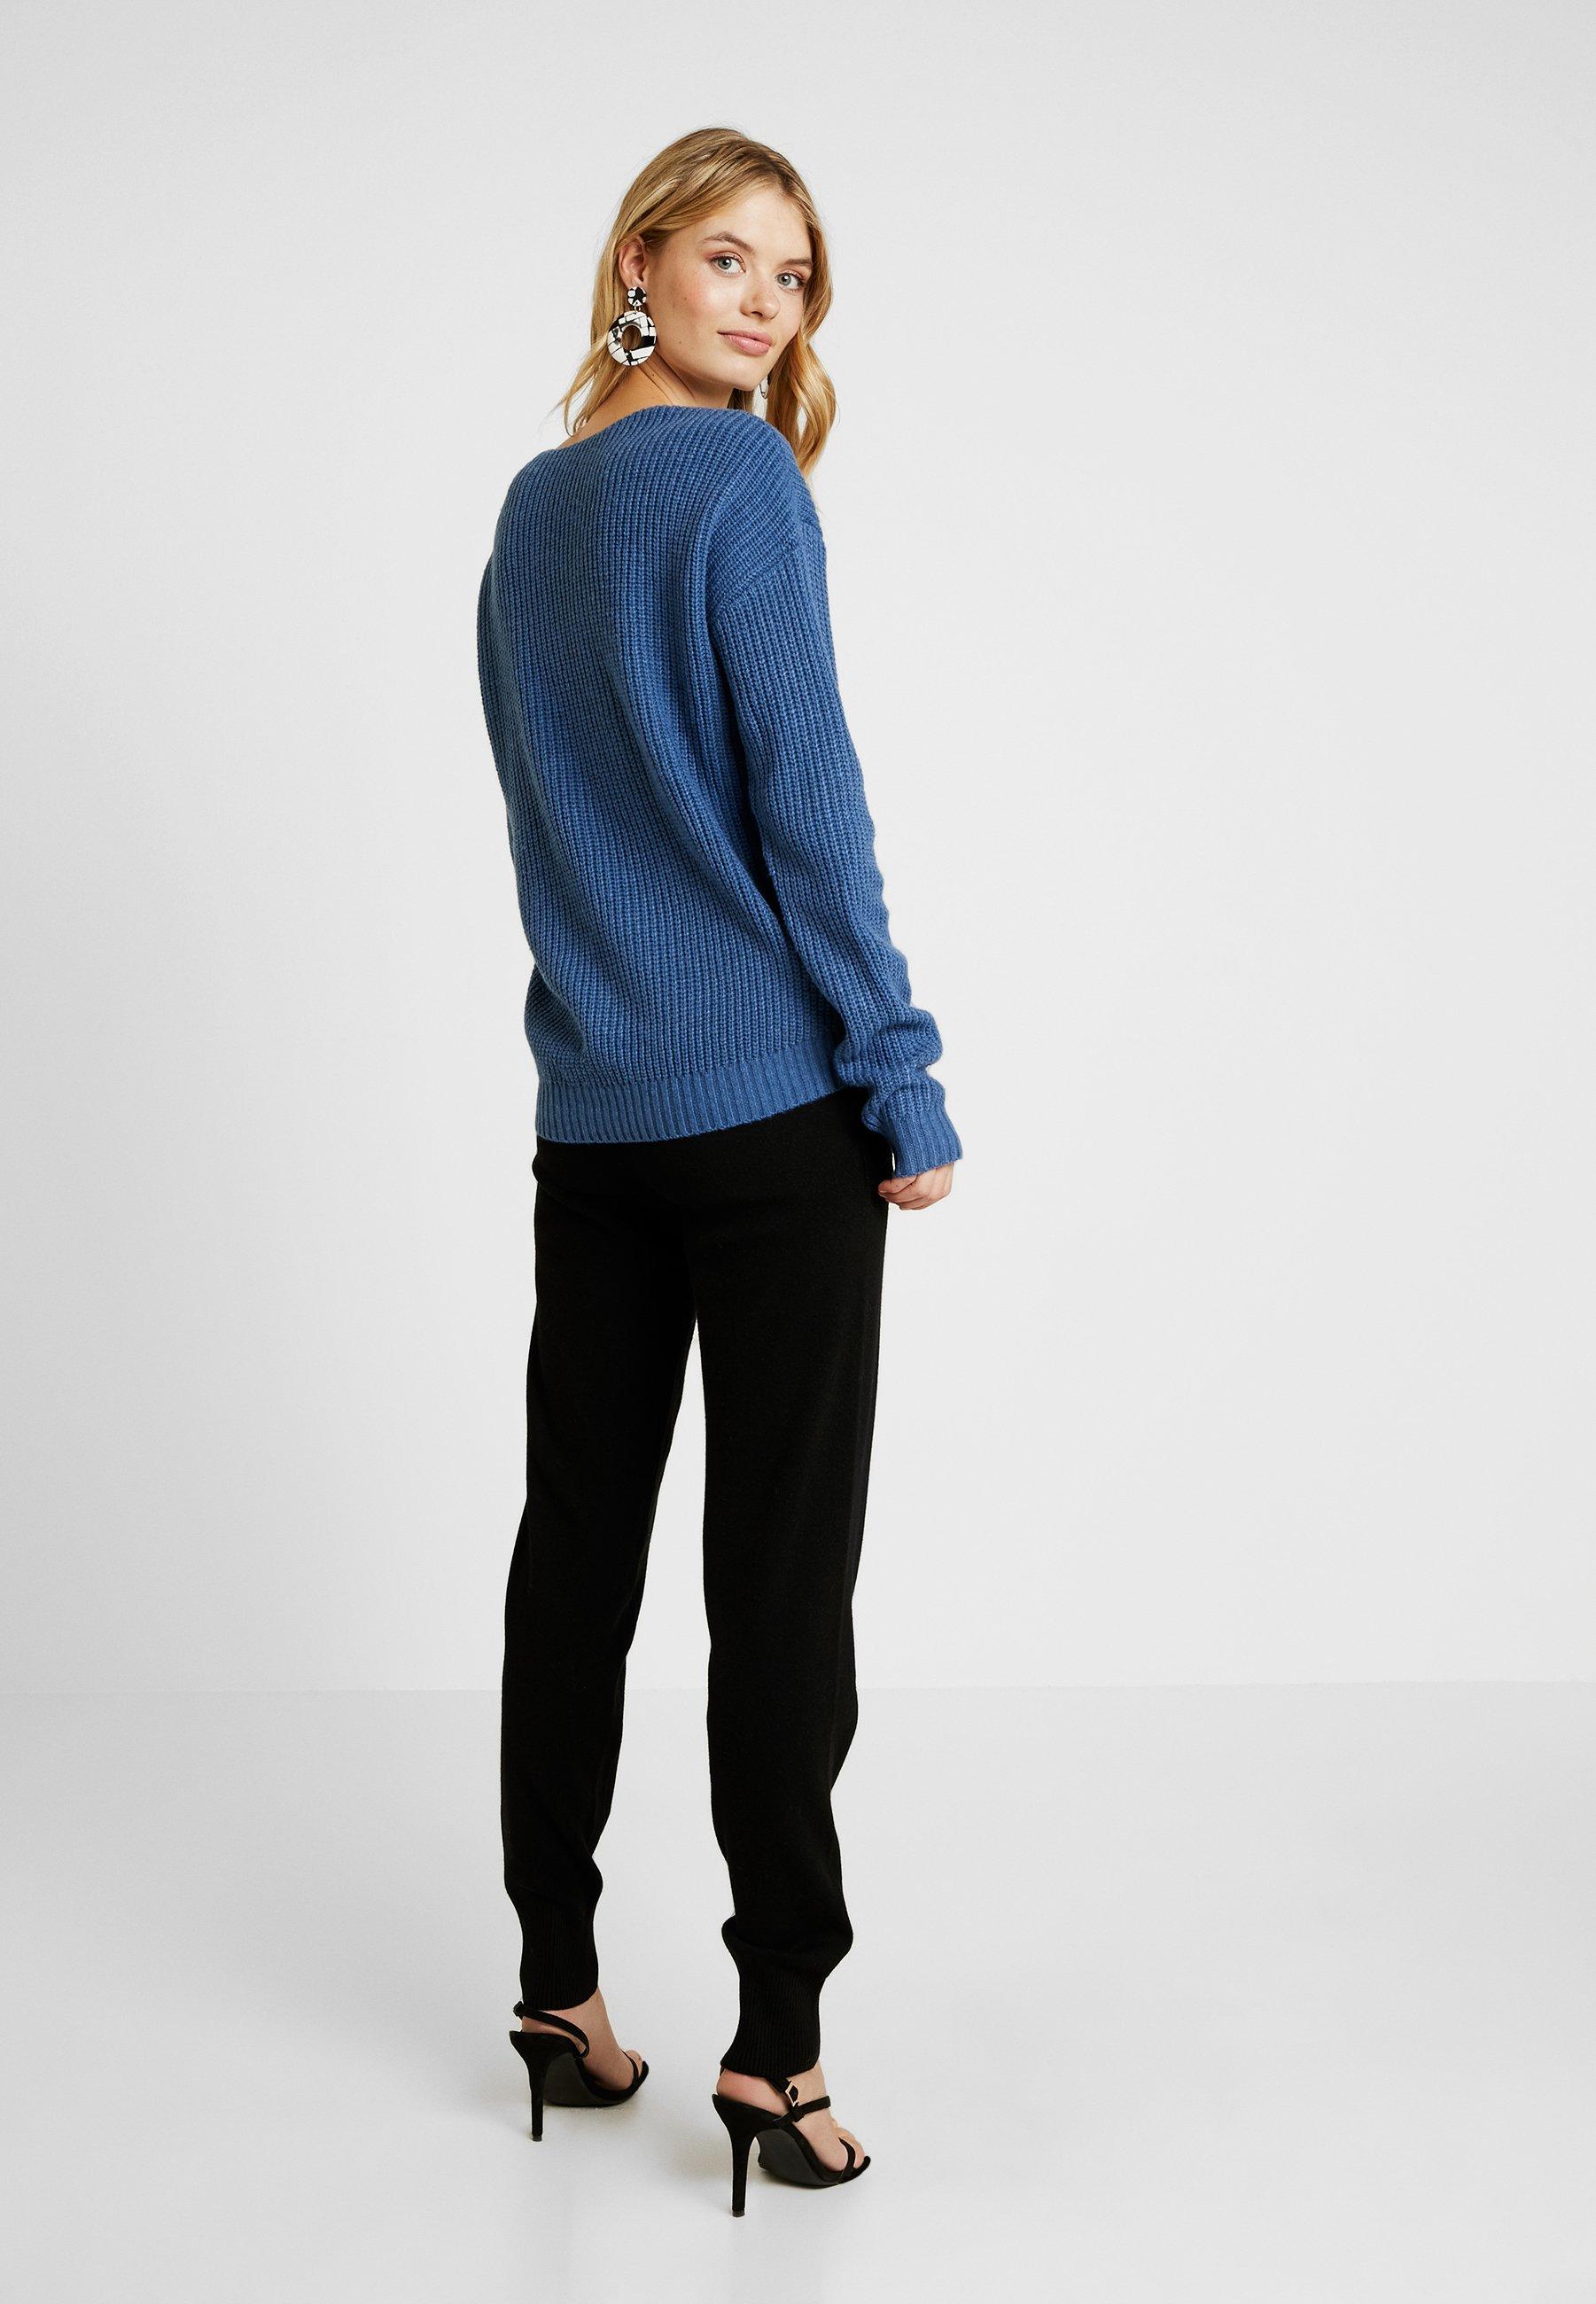 Back Tall Blue JumperPullover Missguided V 8PmyvNOn0w